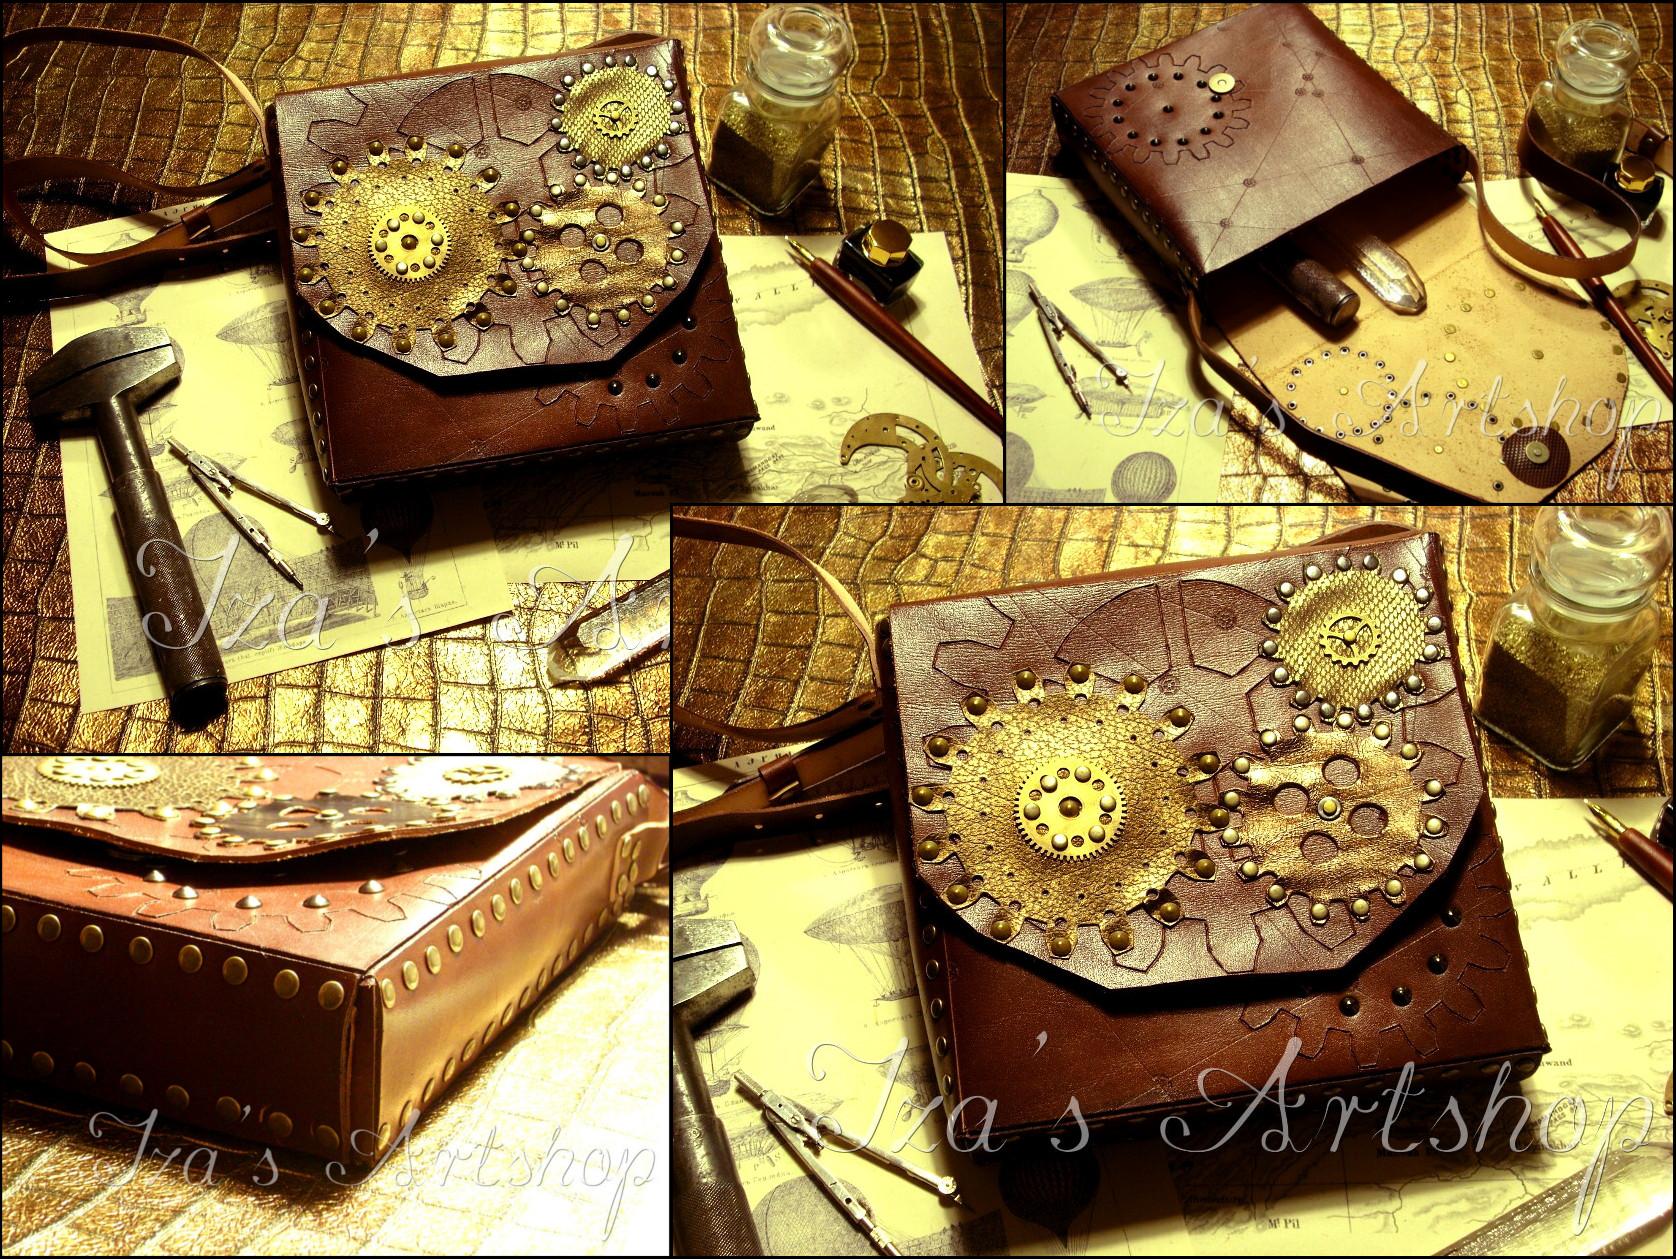 Steampunk Shoulder Bag III by izasartshop